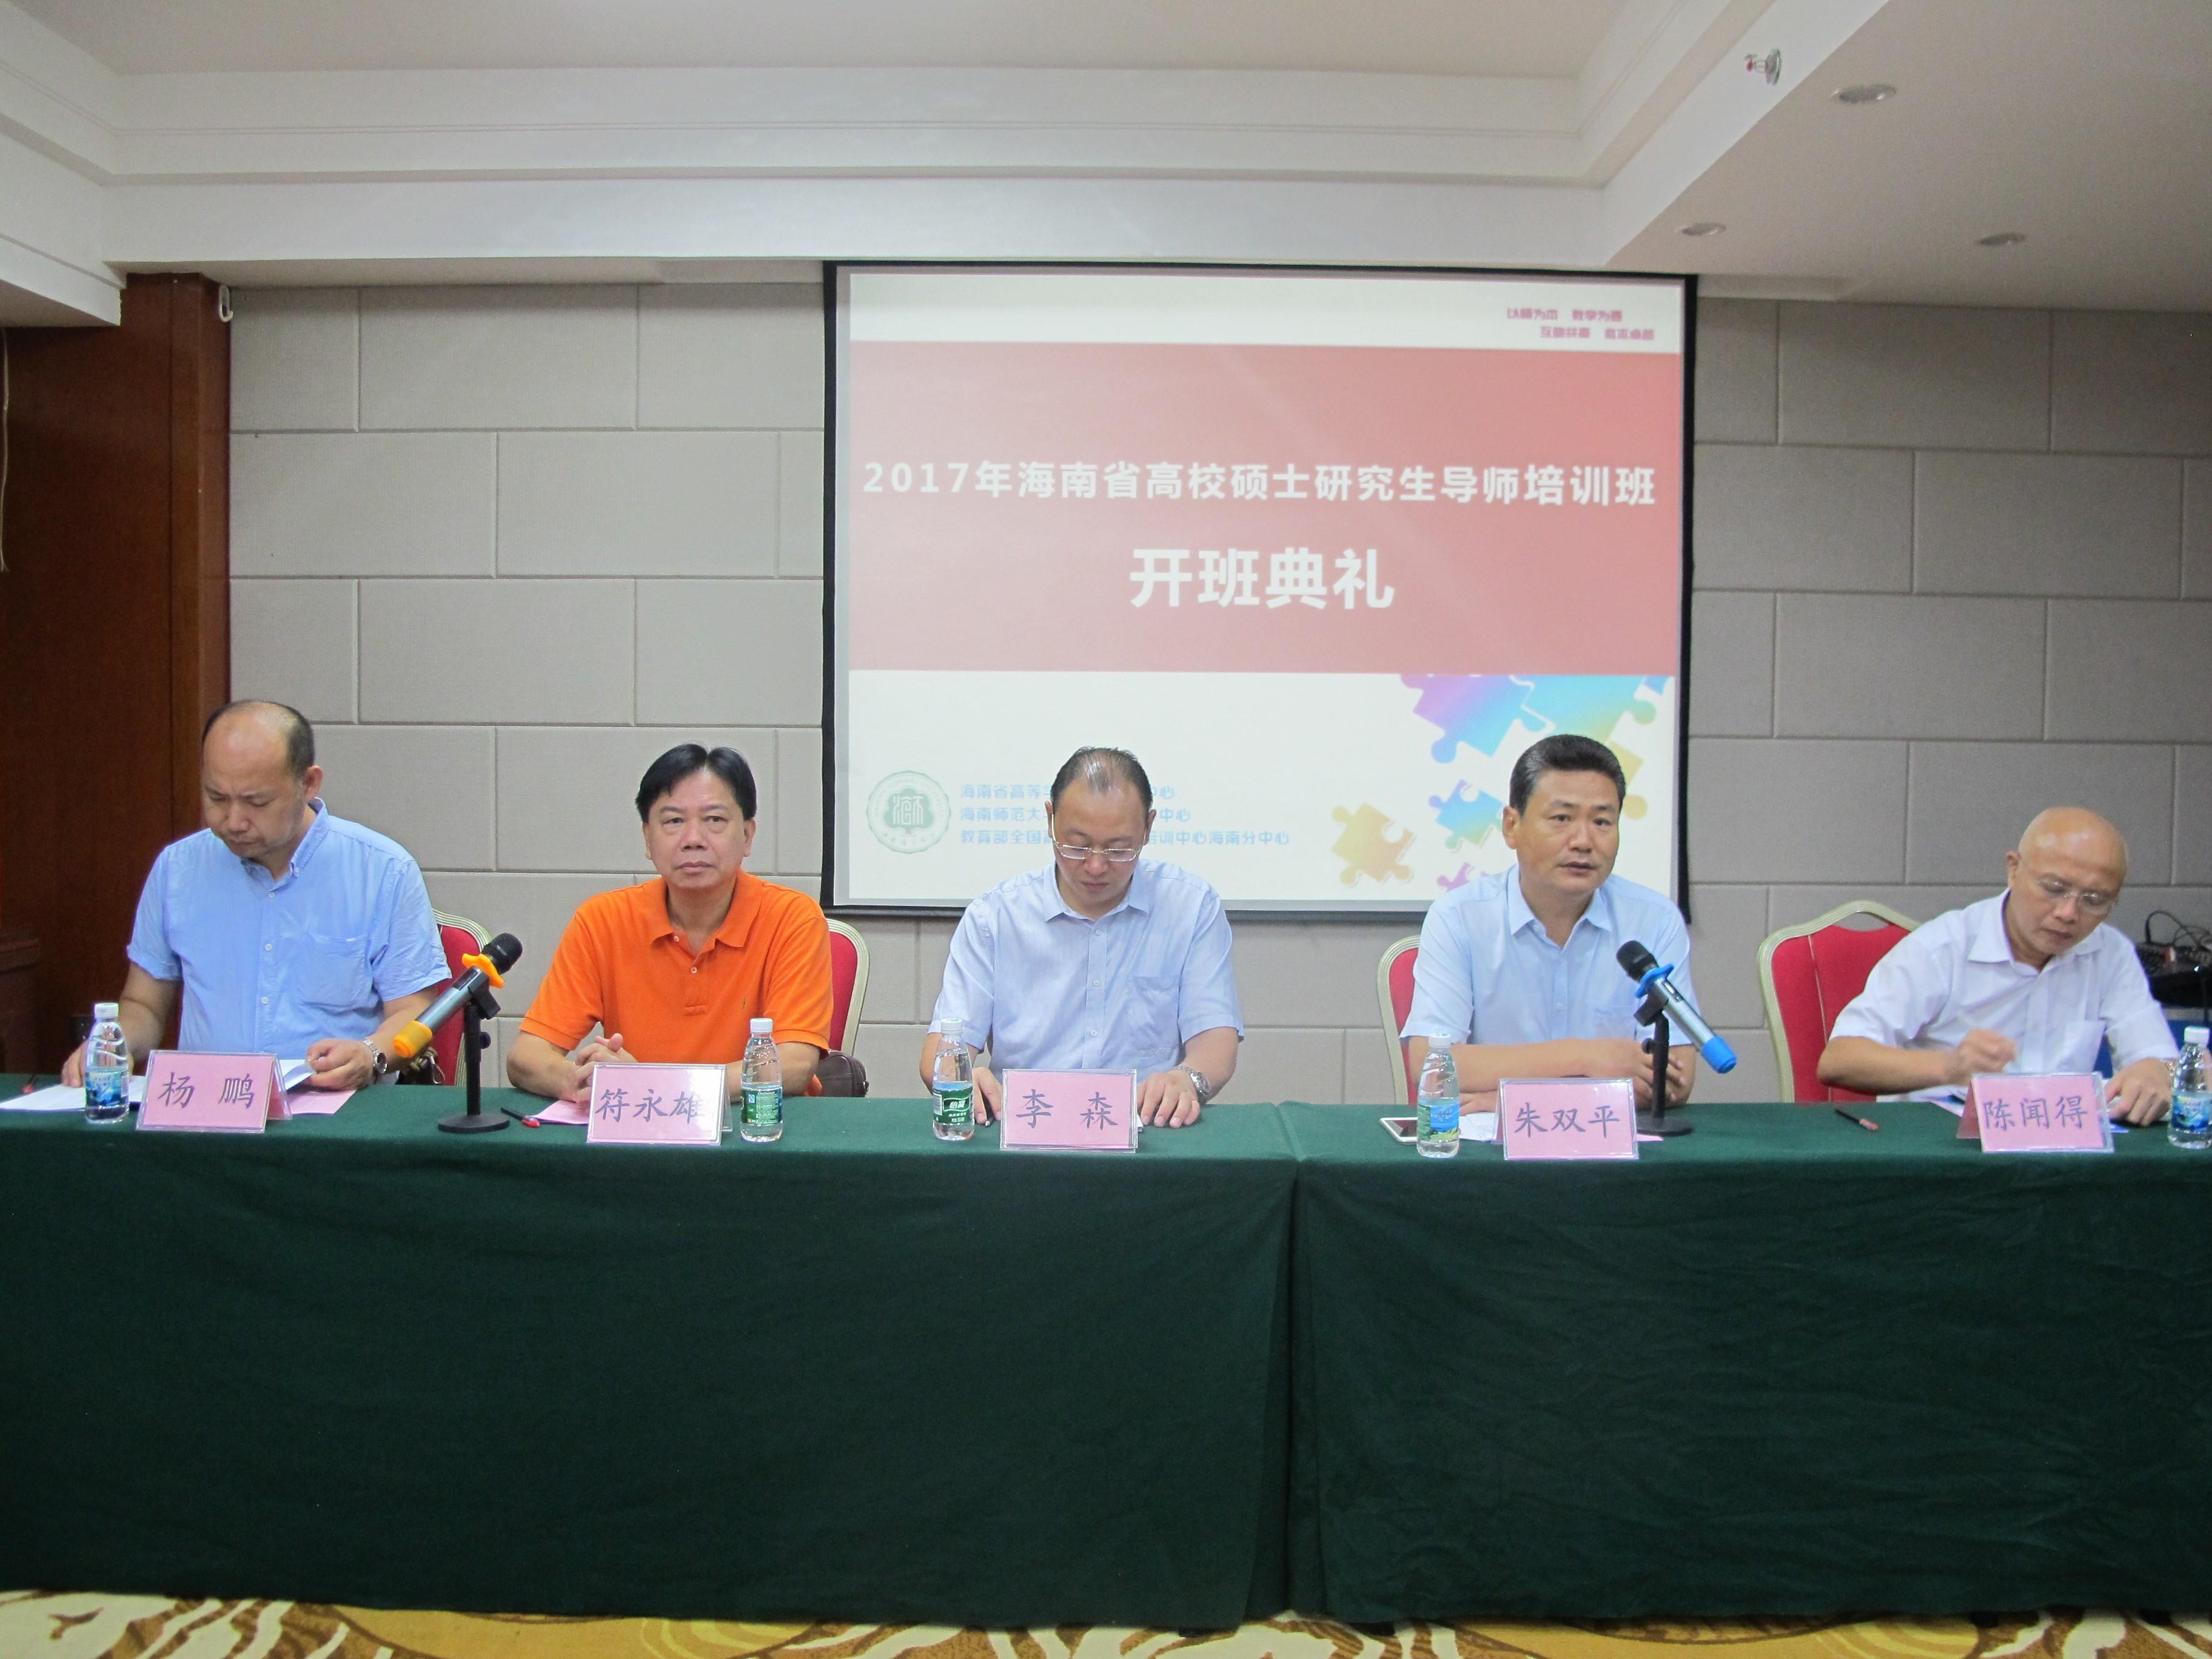 海南省高等学校师资培训中心举办2017年高校教师系列培训项目